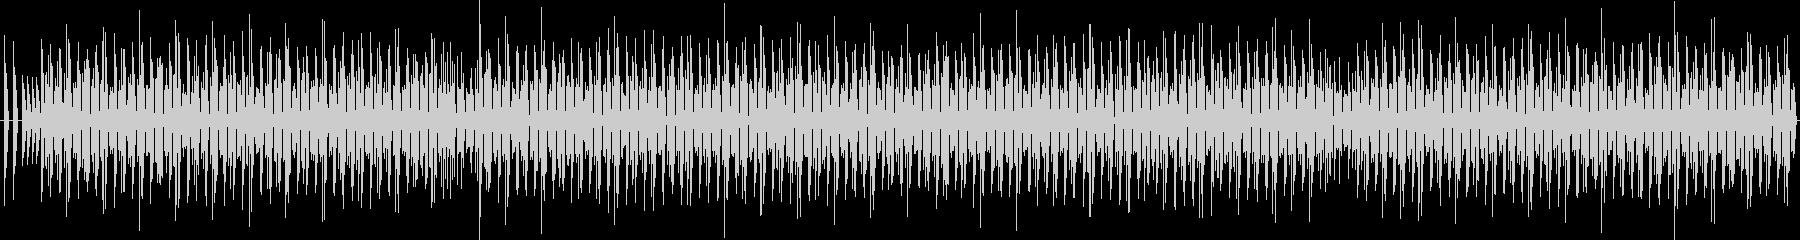 軽薄な感じのBGM#1 ♩=130 の未再生の波形